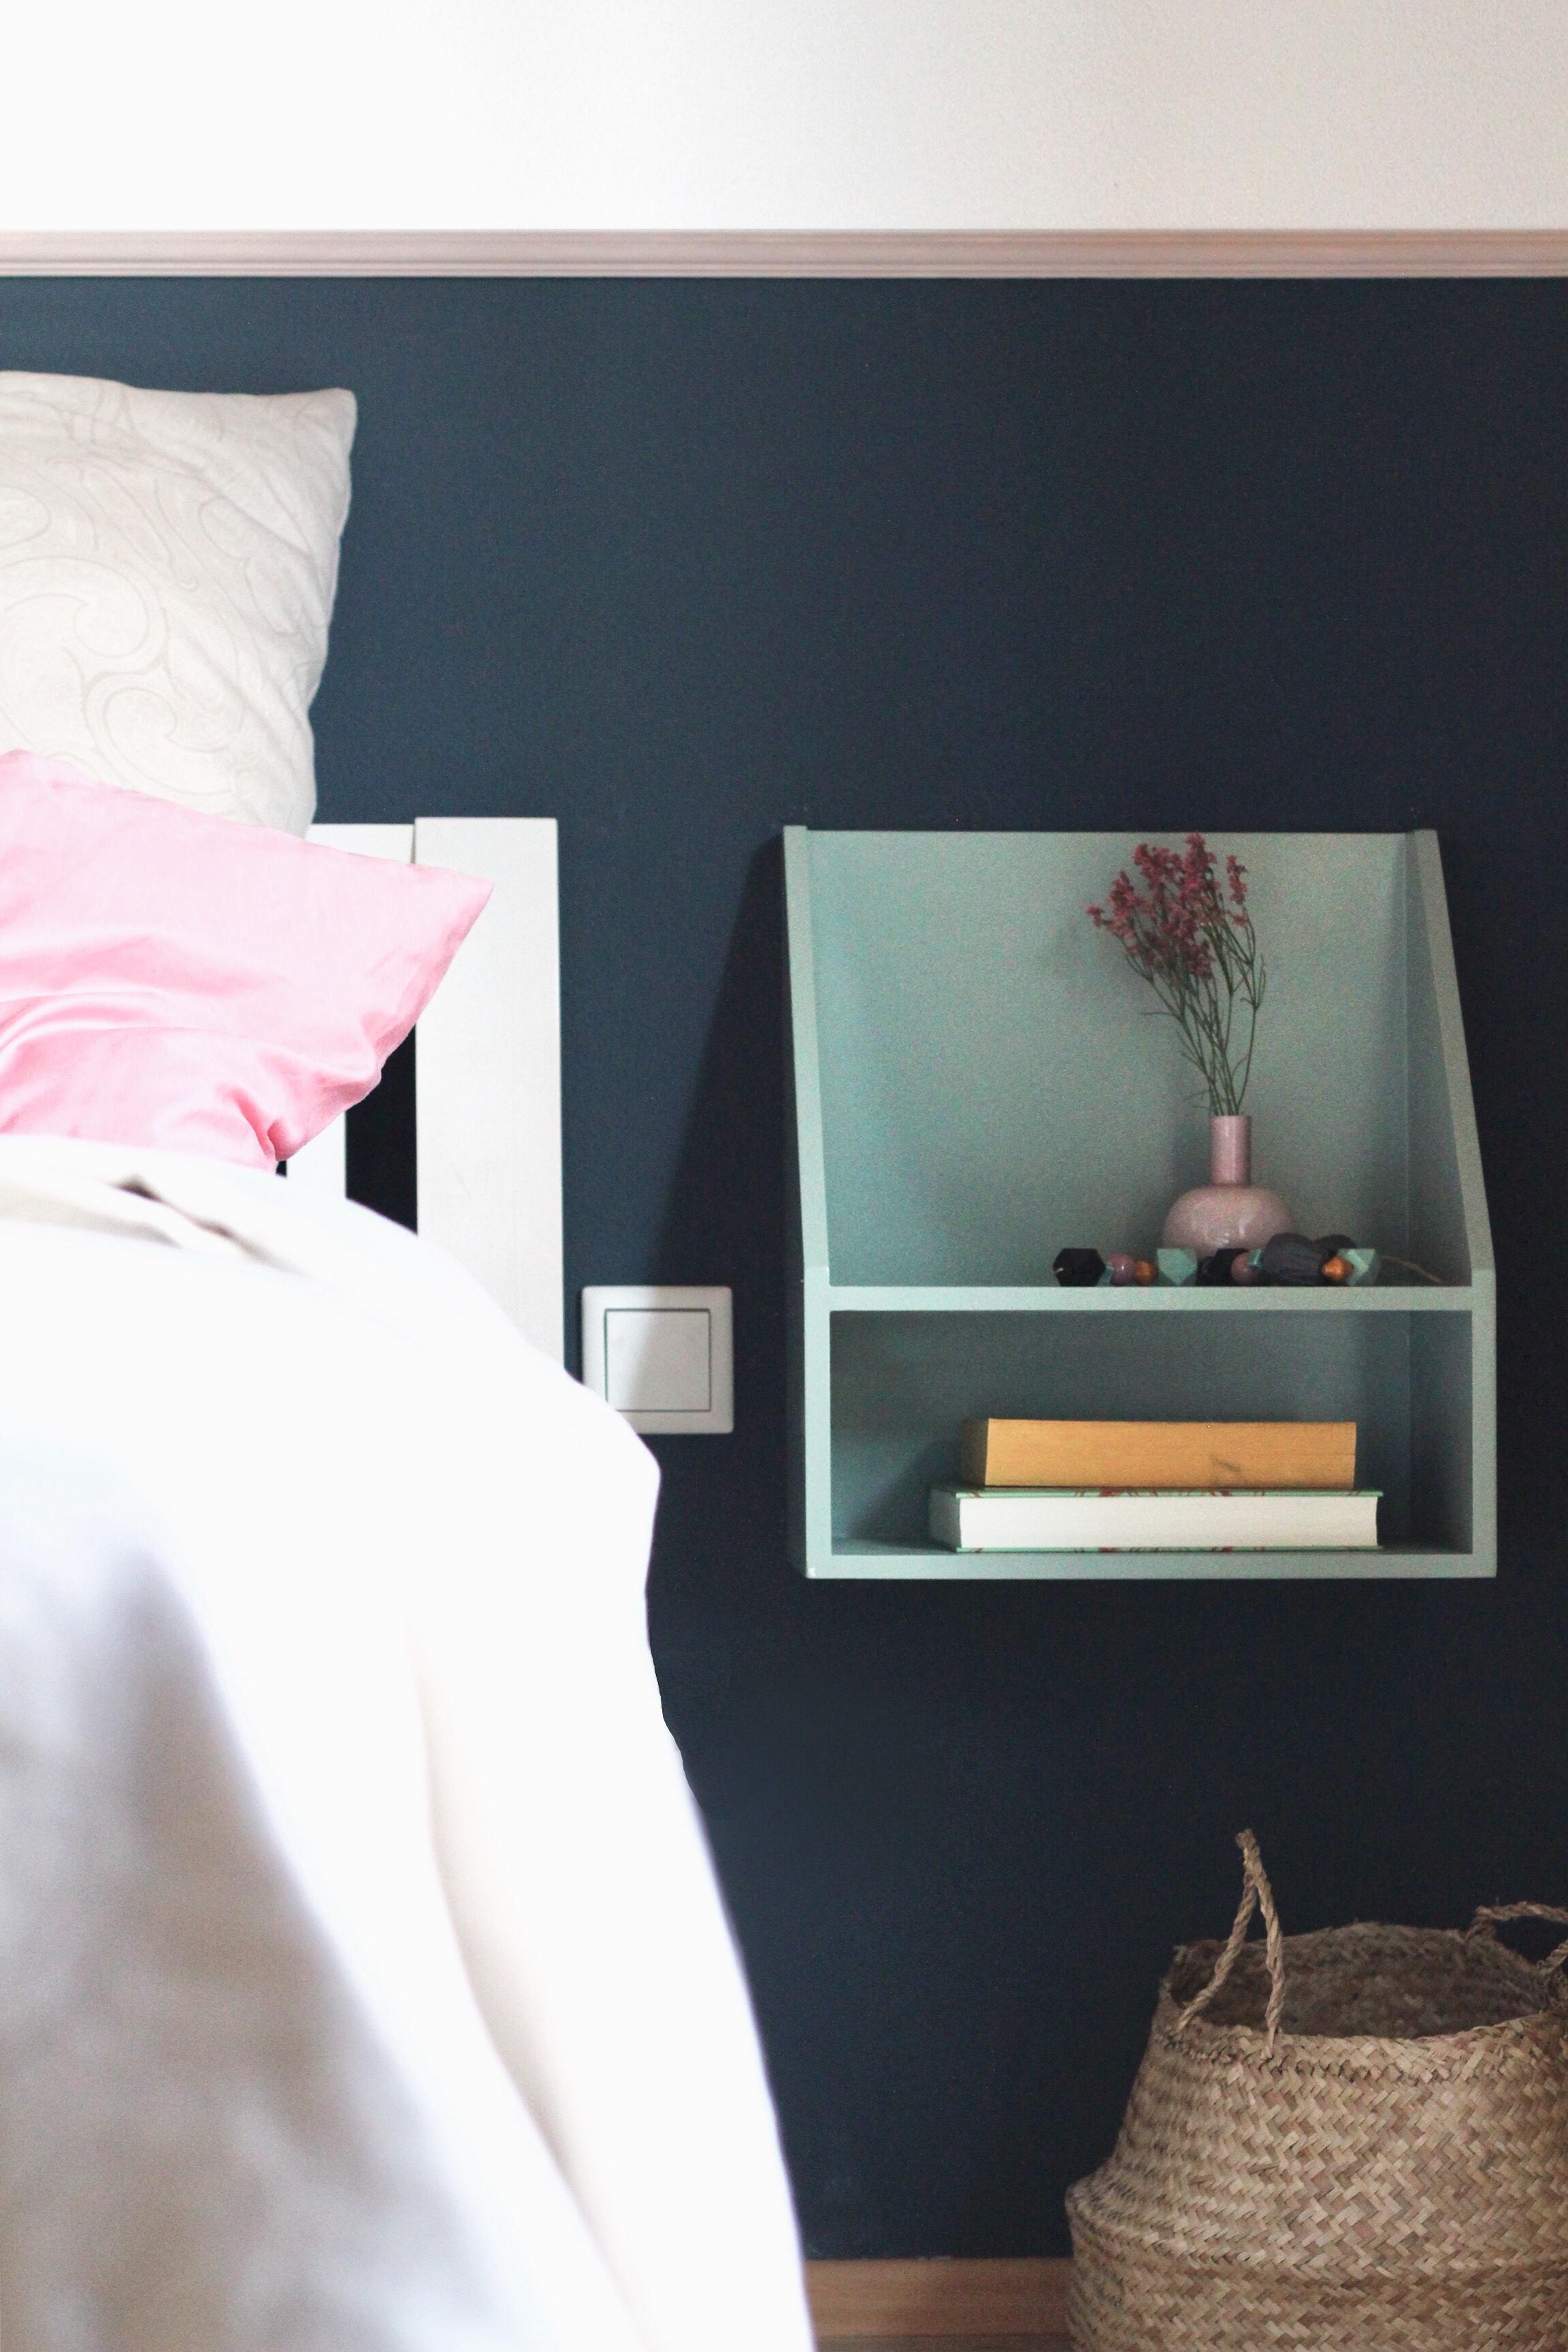 BLUEberryMOOD #living #schlafzimmer #wandgestaltung #farbe #bett  #nachttisch #blau #